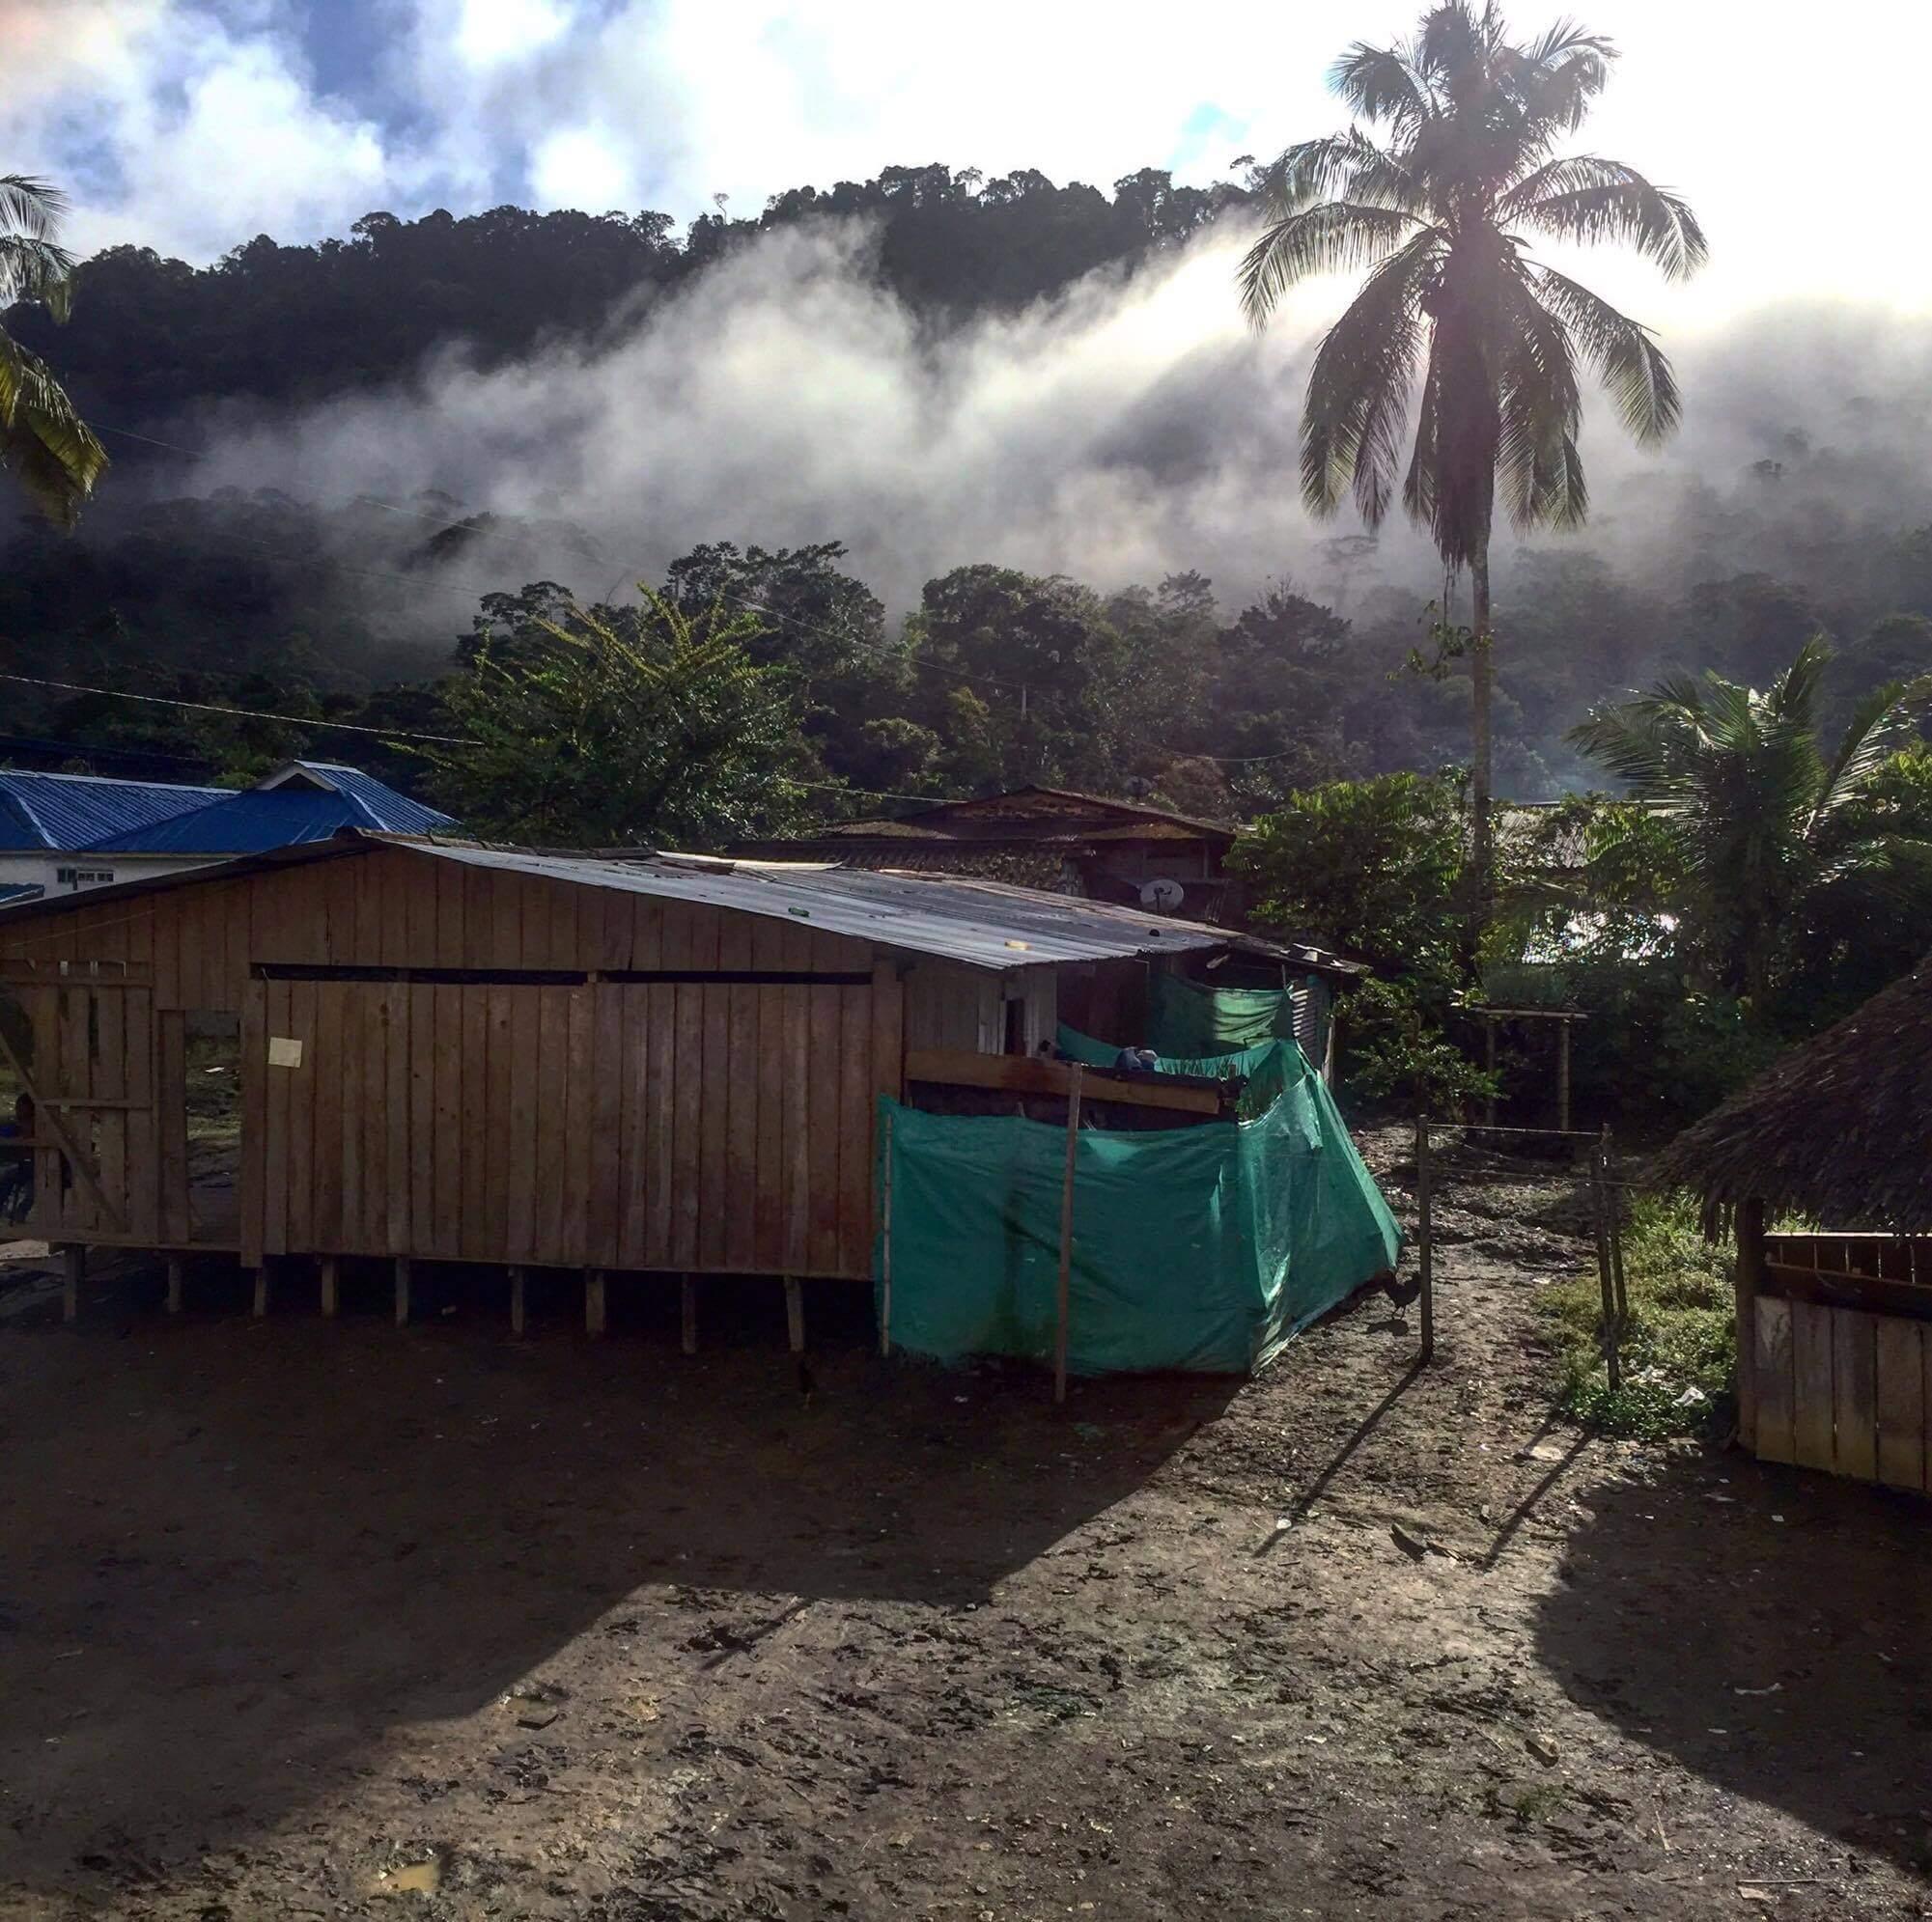 Hablamos con el reportero que acompaña hoy a los más de 300 desplazados de Alto Baudó